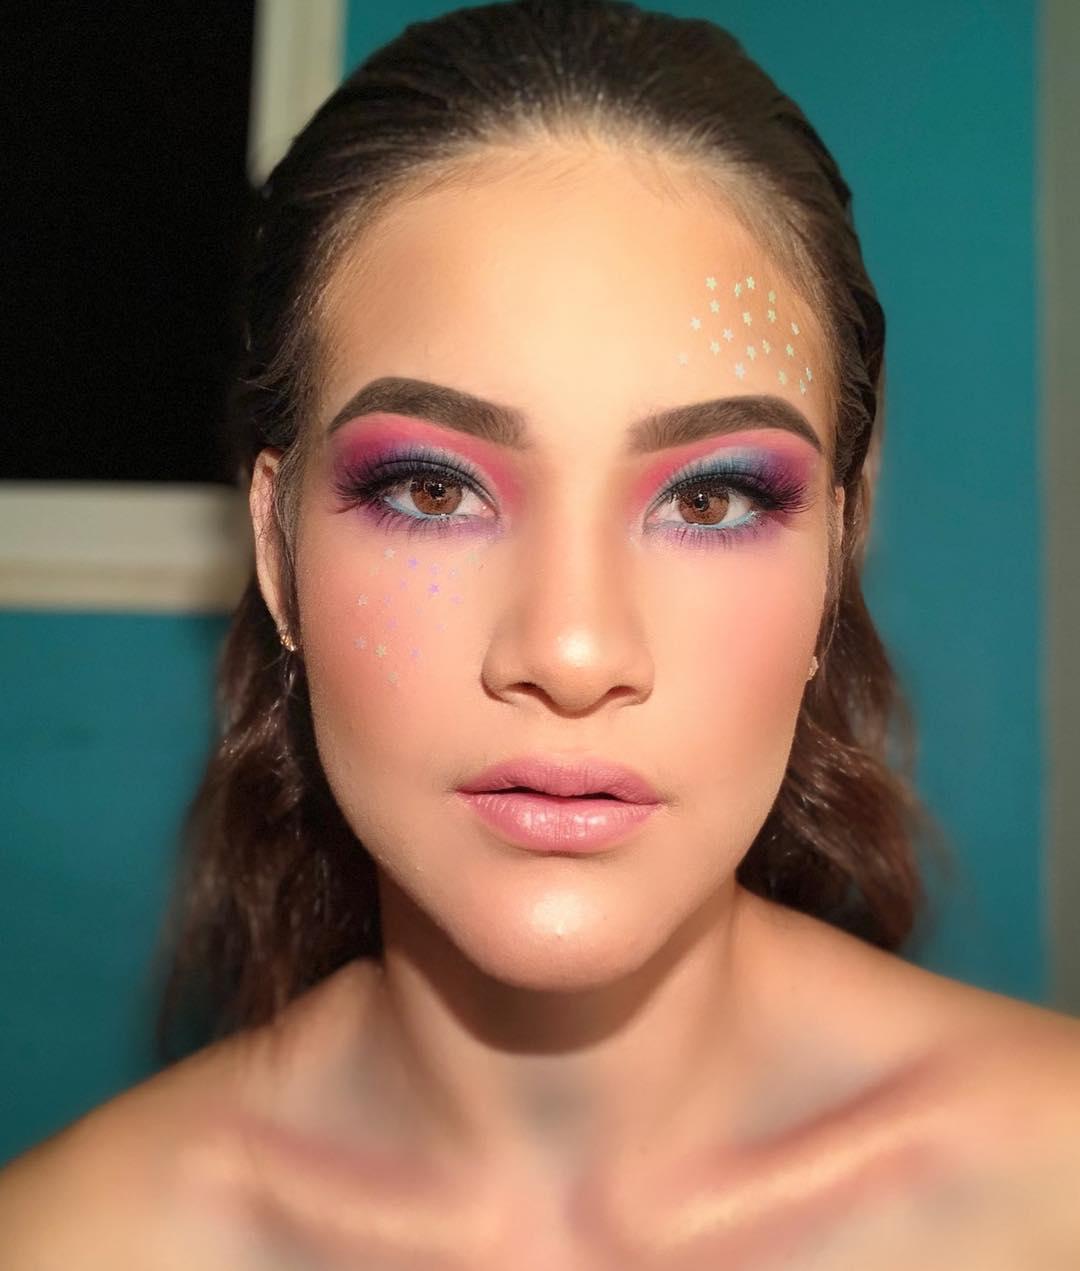 daniela di venere, top 12 de miss teen mundial 2019. 52651611